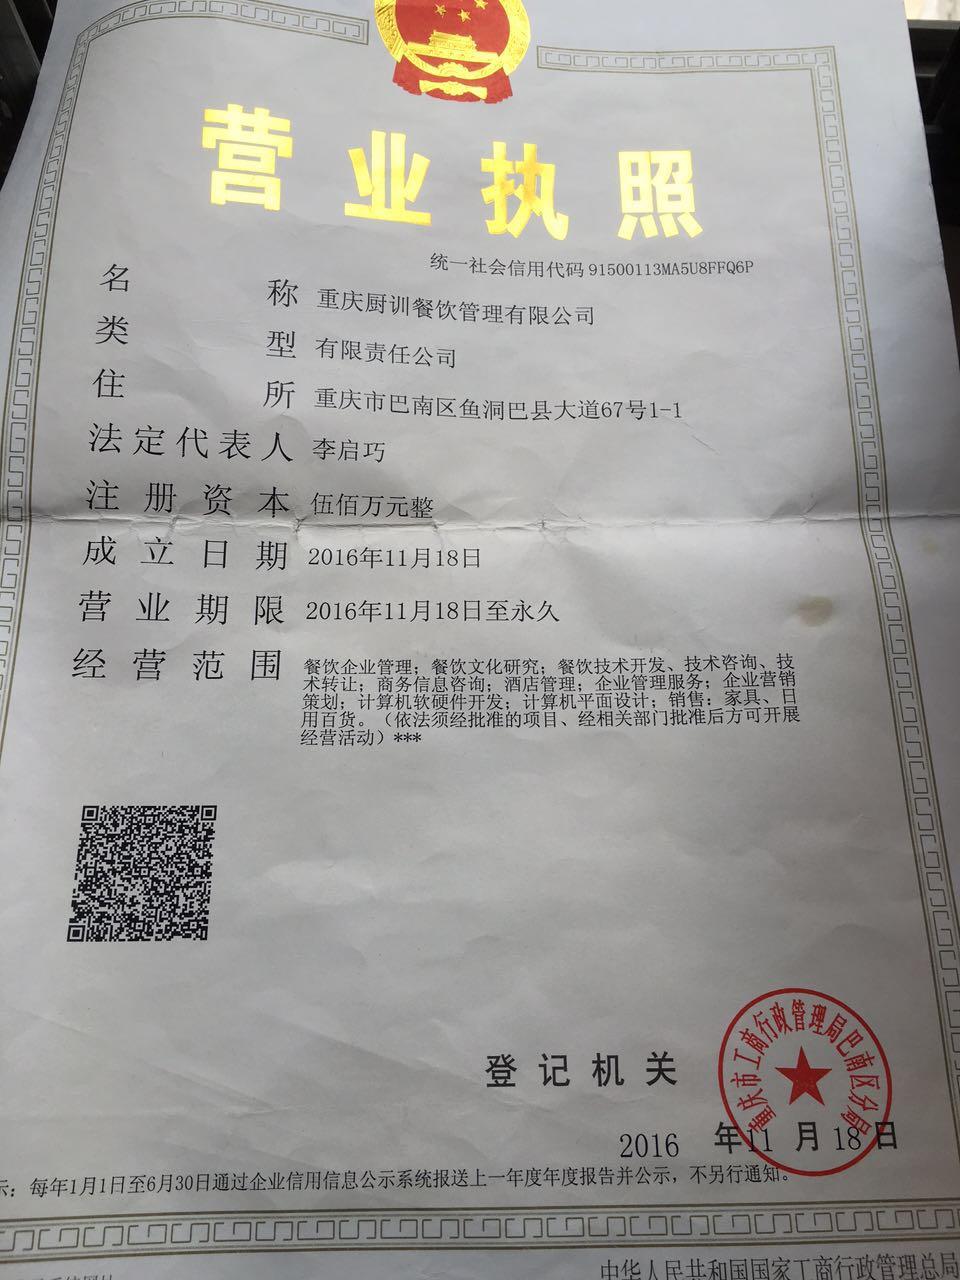 重庆厨训餐饮管理有限公司